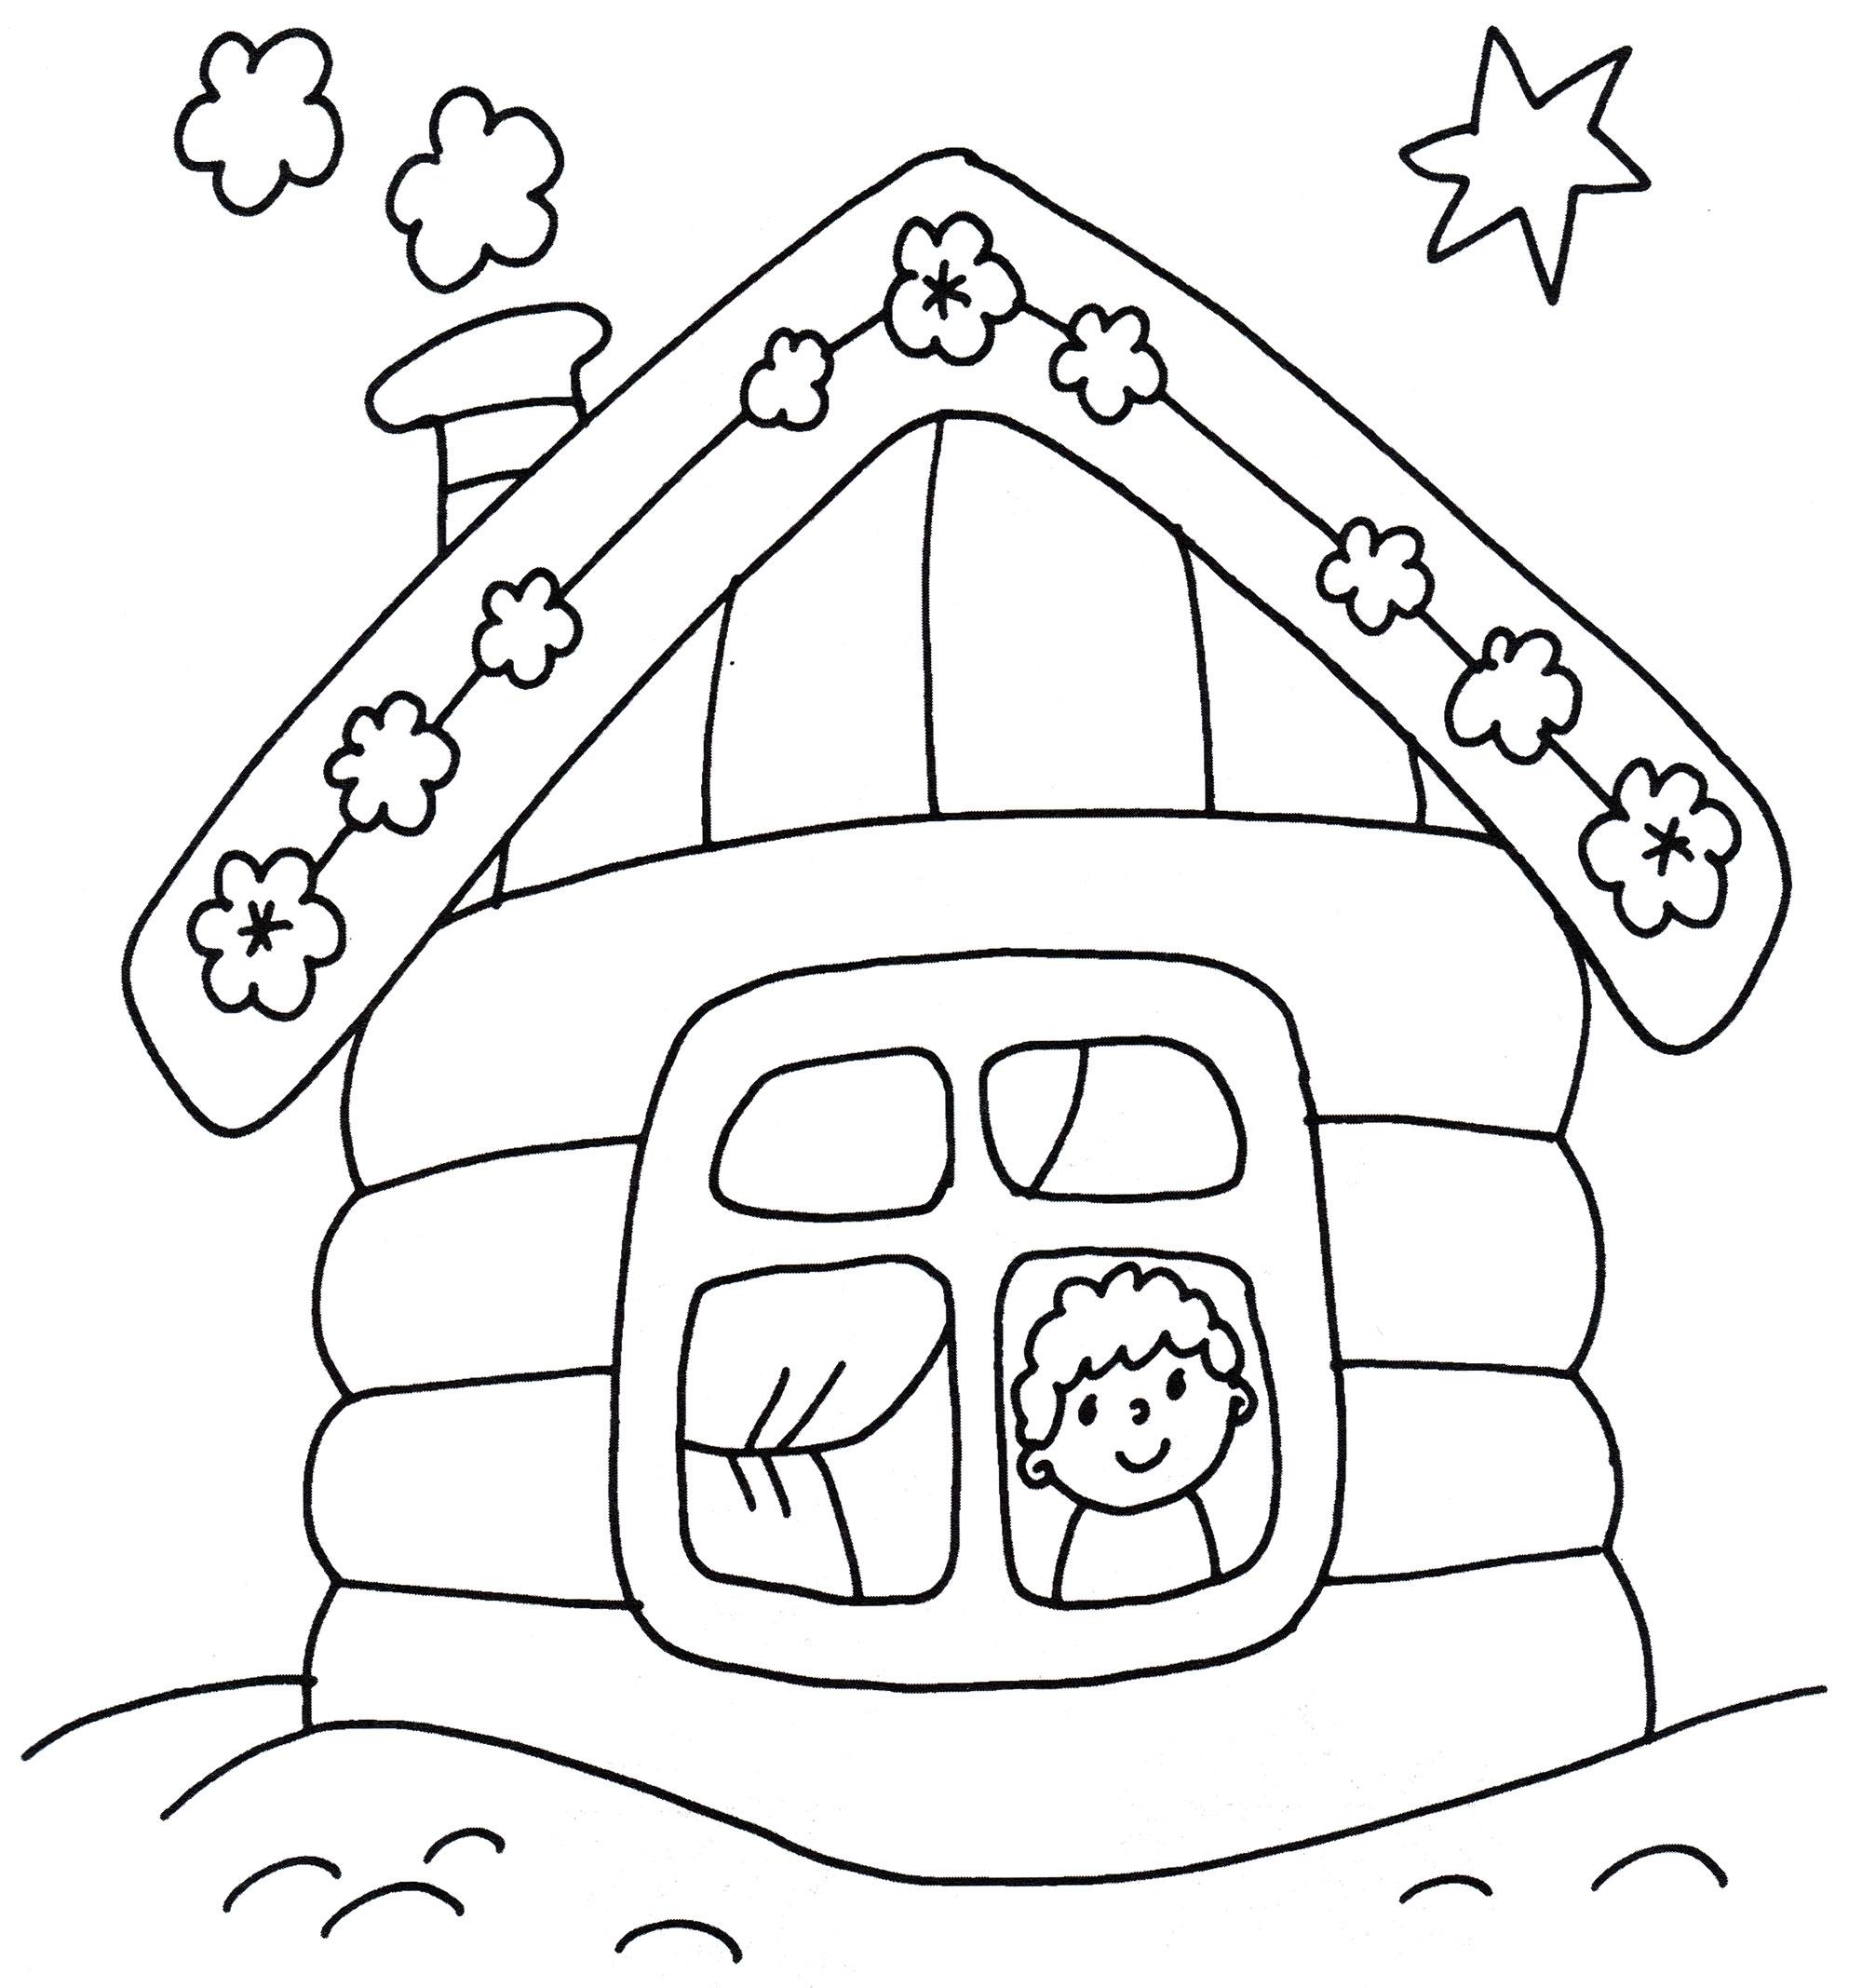 Раскраска Деревянный домик - распечатать бесплатно